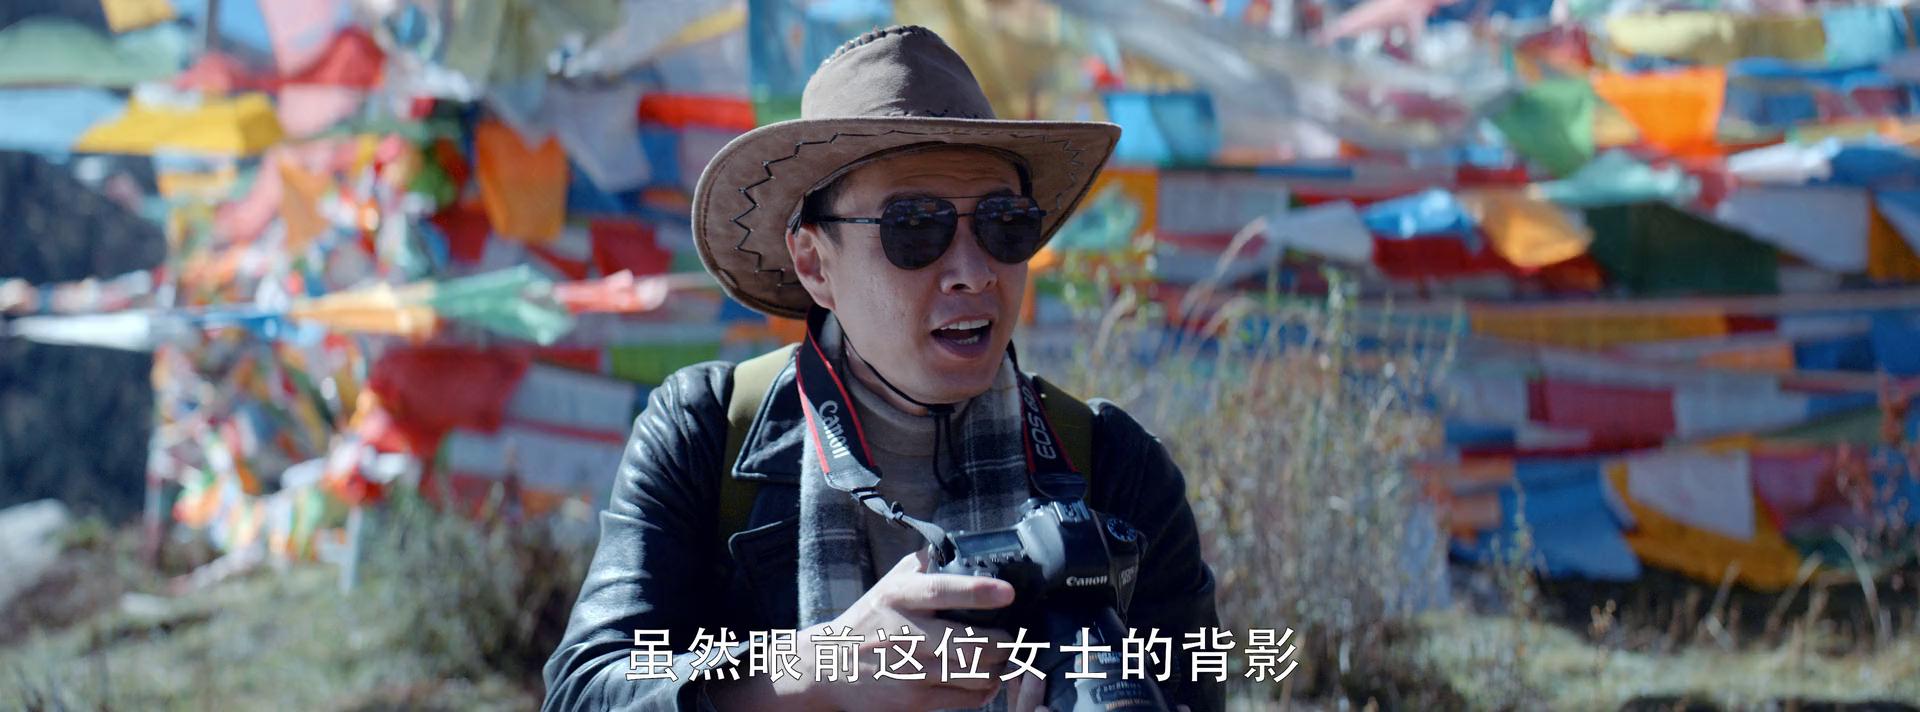 悠悠MP4_MP4电影下载_[我来自北京之玛尼堆的秋天][WEB-MP4/1.19GB][国语配音/中文字幕][1080P][扶贫,主旋律,西藏,爱国主义,援藏,喜剧,剧情]